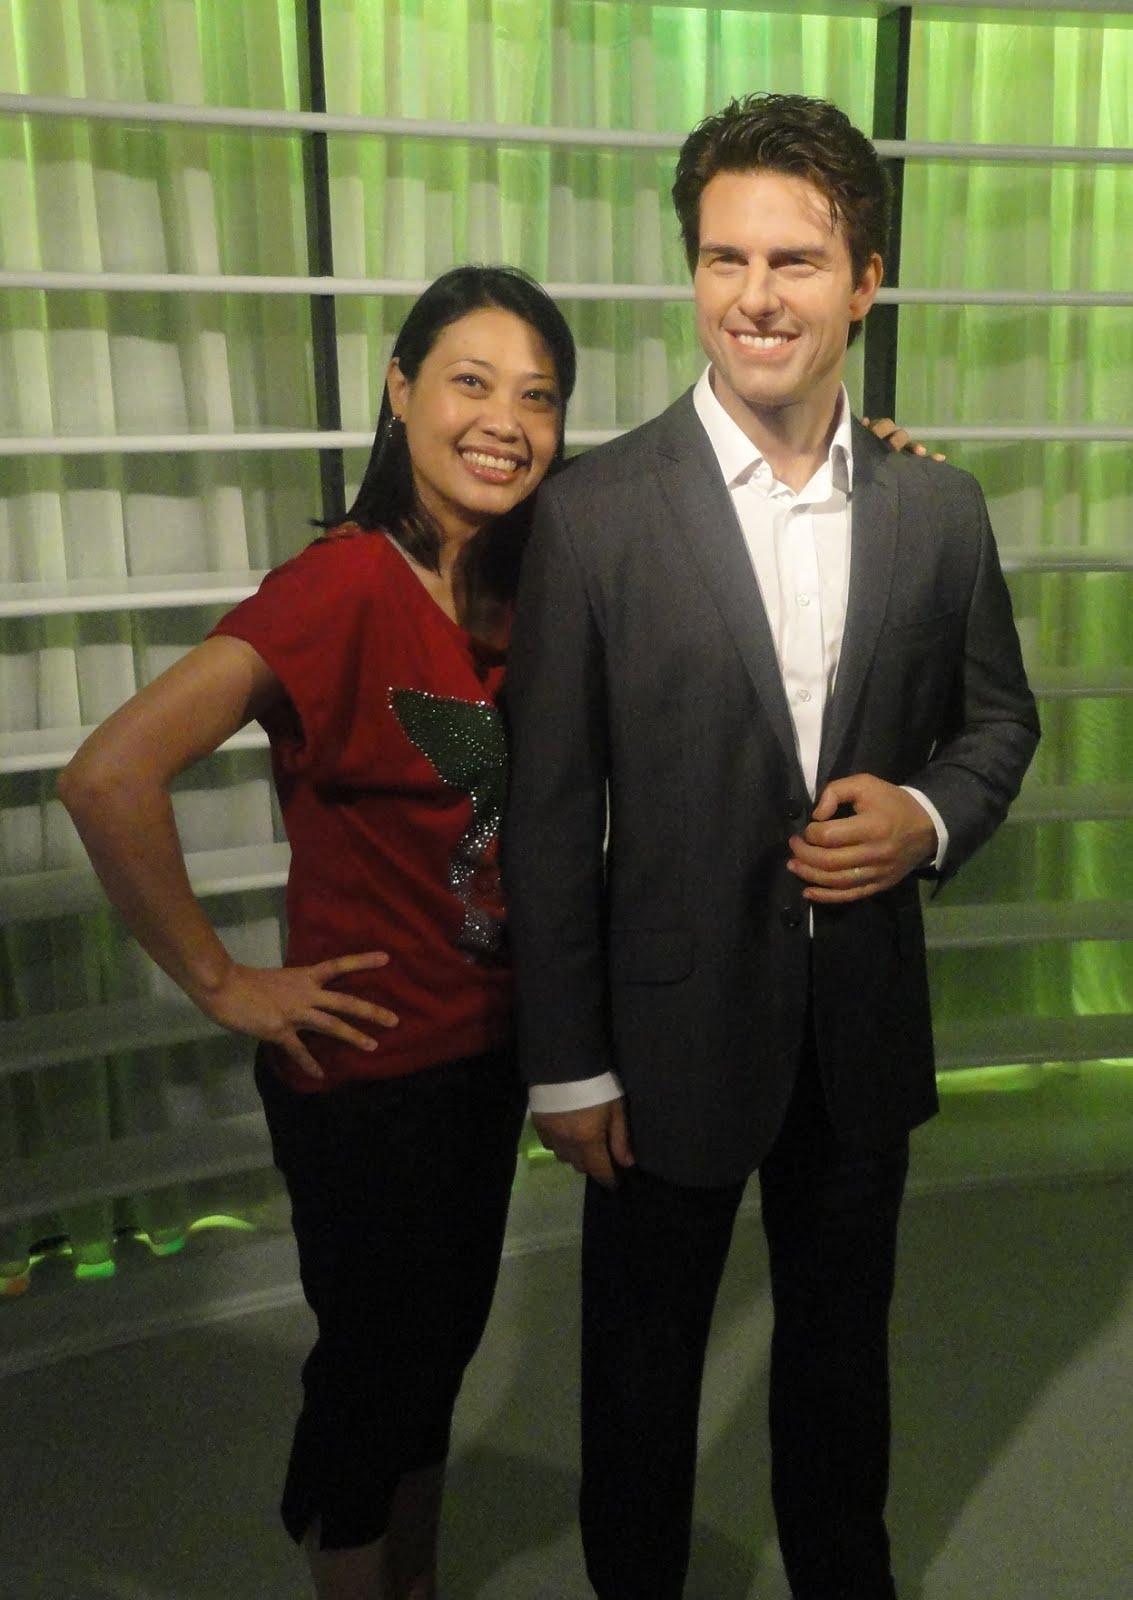 Kade meets Tom Cruise!